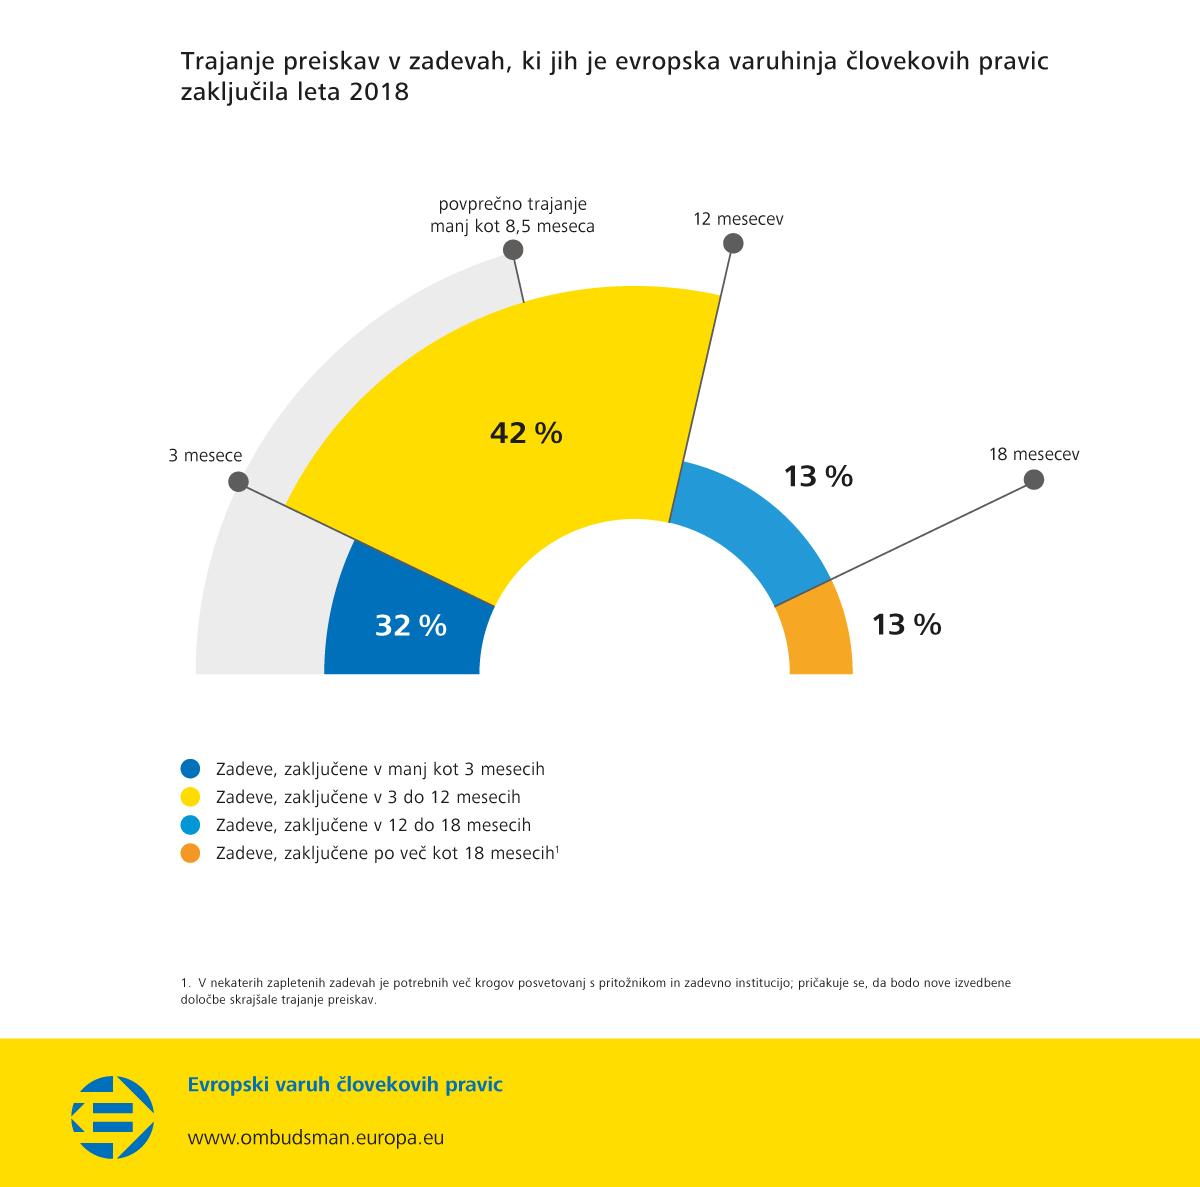 Trajanje preiskav v zadevah, ki jih je evropska varuhinja človekovih pravic zaključila leta 2018